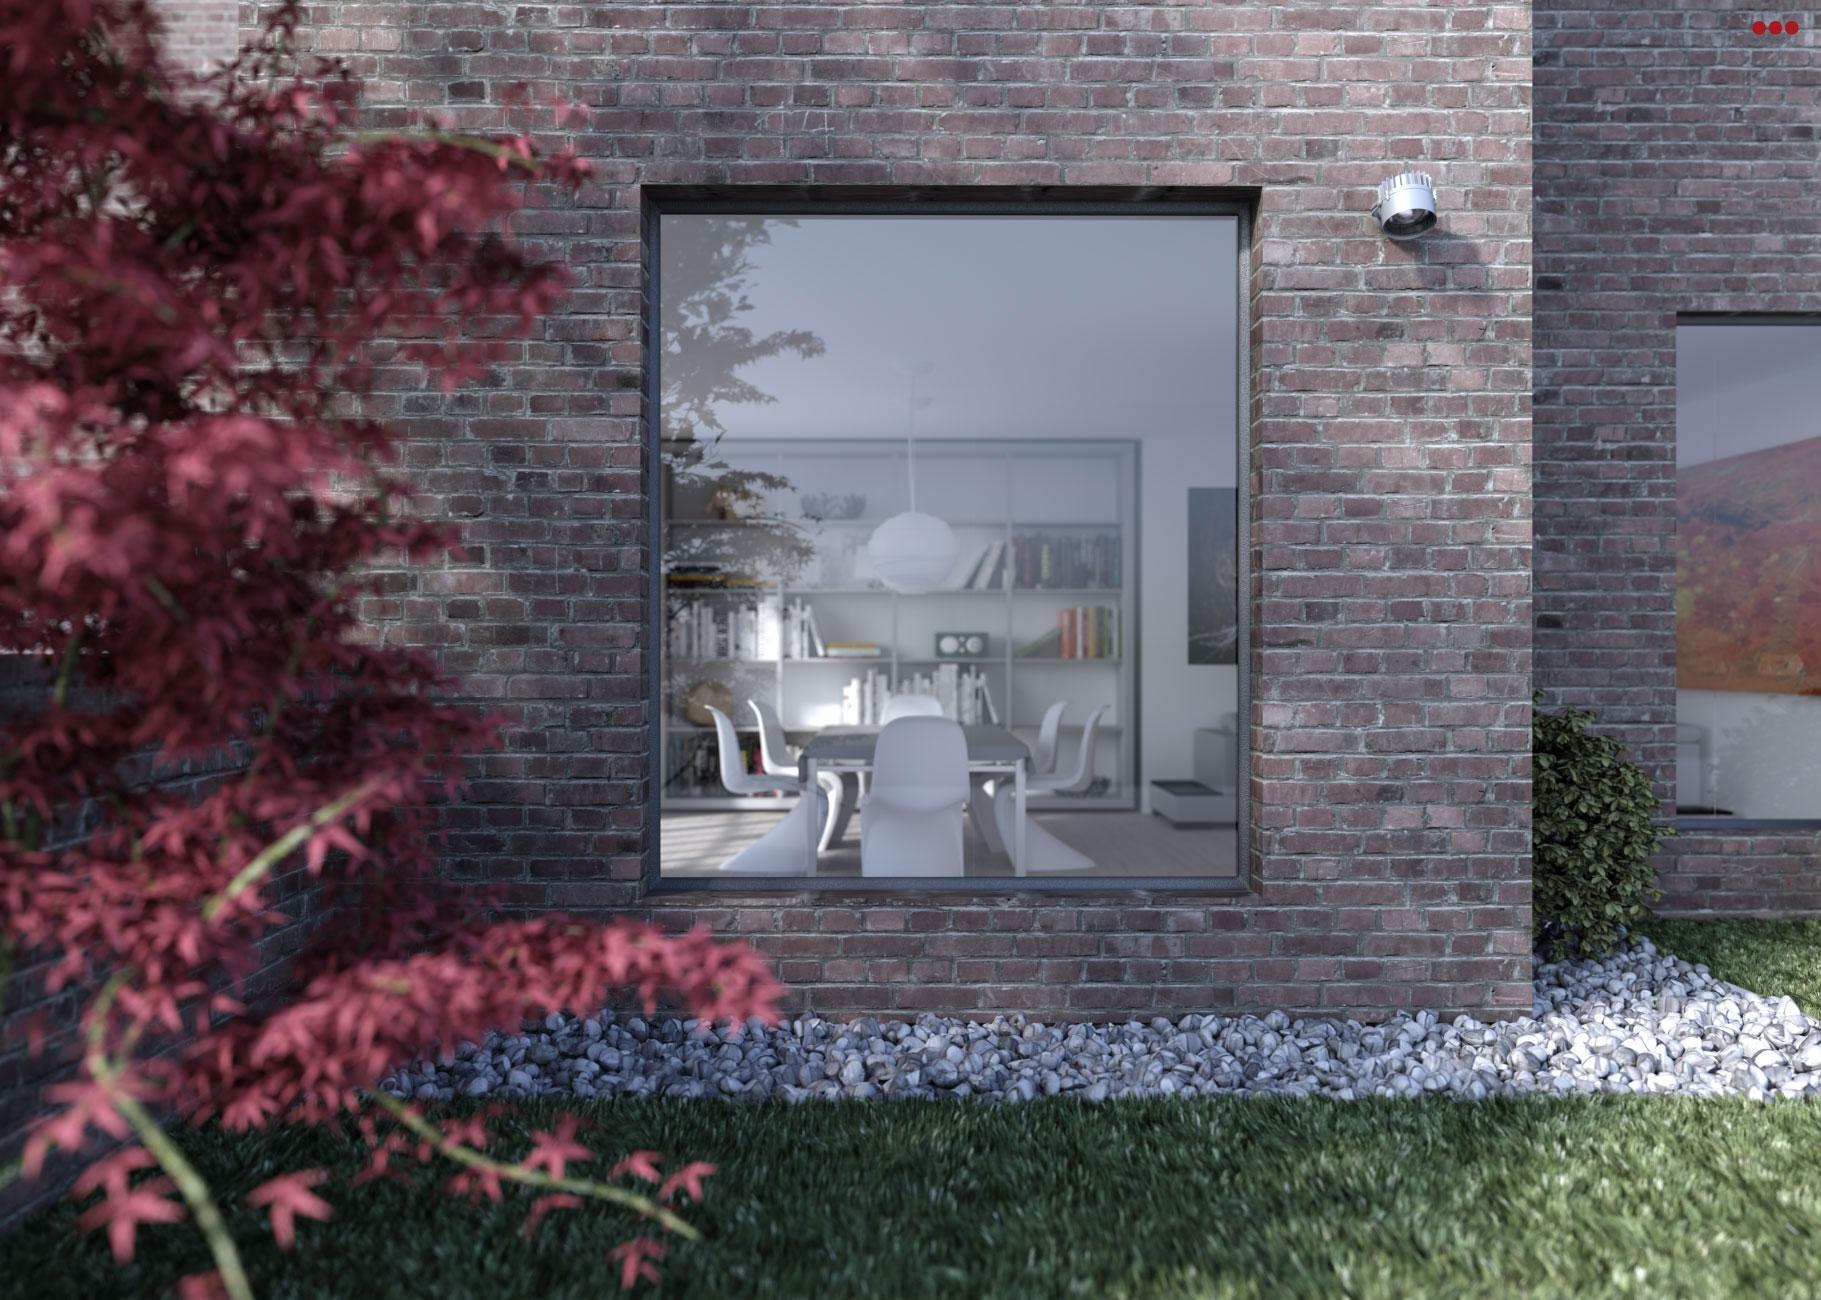 progettazione grafica rendering 3d catalogo depliant brochure MITO 2015 design esterno